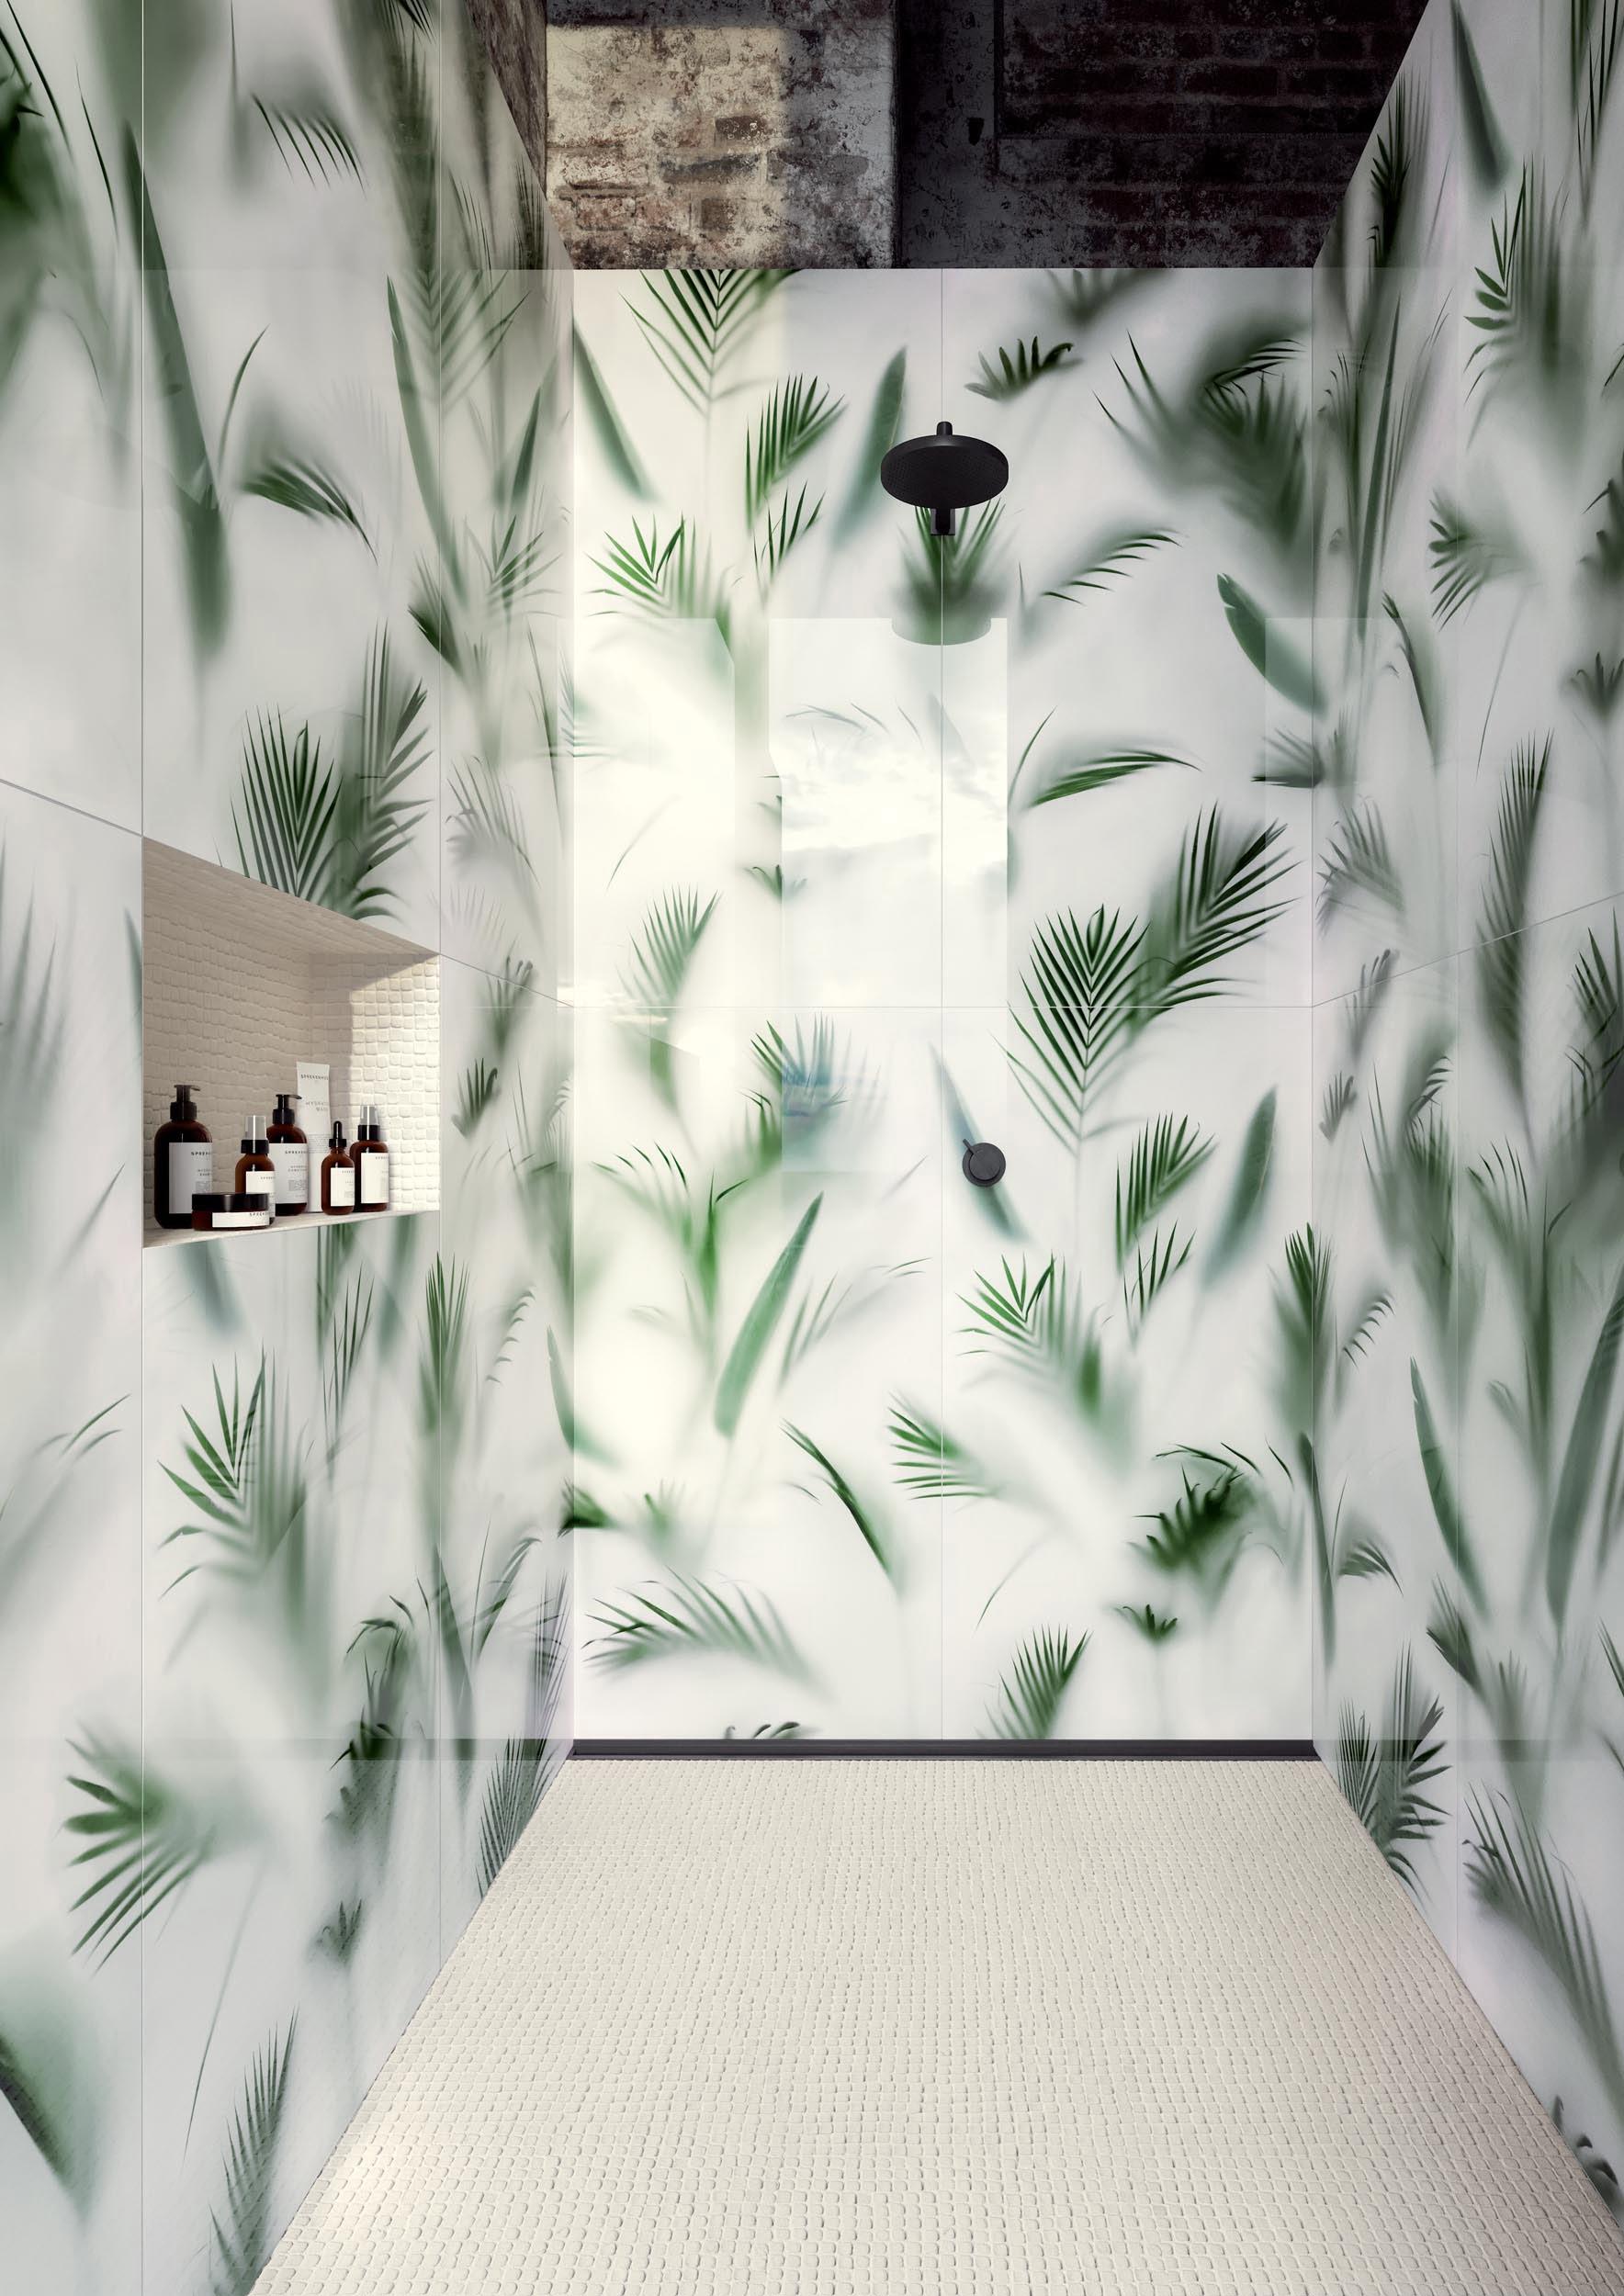 """Wall Paper41 Lux Cristoforo 60x120 24""""x48"""" / Nano Gap Bianco 30x30 12""""x12"""" - Floor Nano Gap Bianco 30x30 12""""x12"""""""